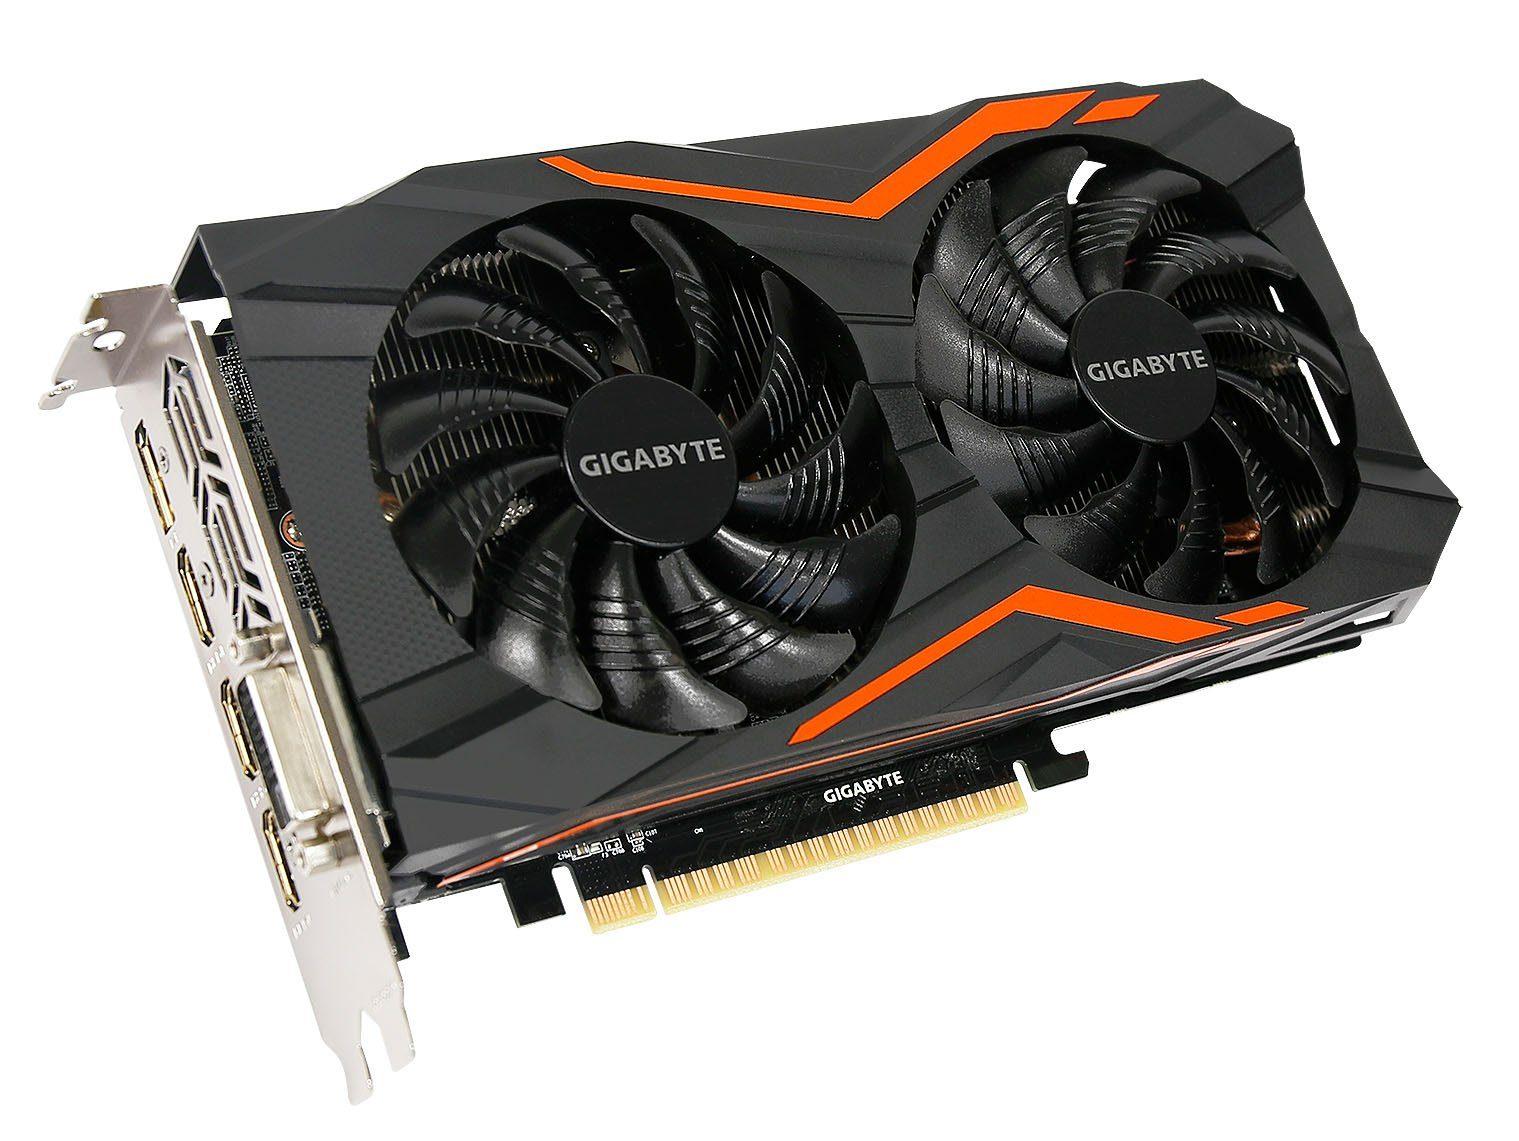 GIGABYTE Grafikkarte NVIDIA GeForce® GTX 1050 Gaming 2GB »GV-N1050G1 GAMING-2GD«